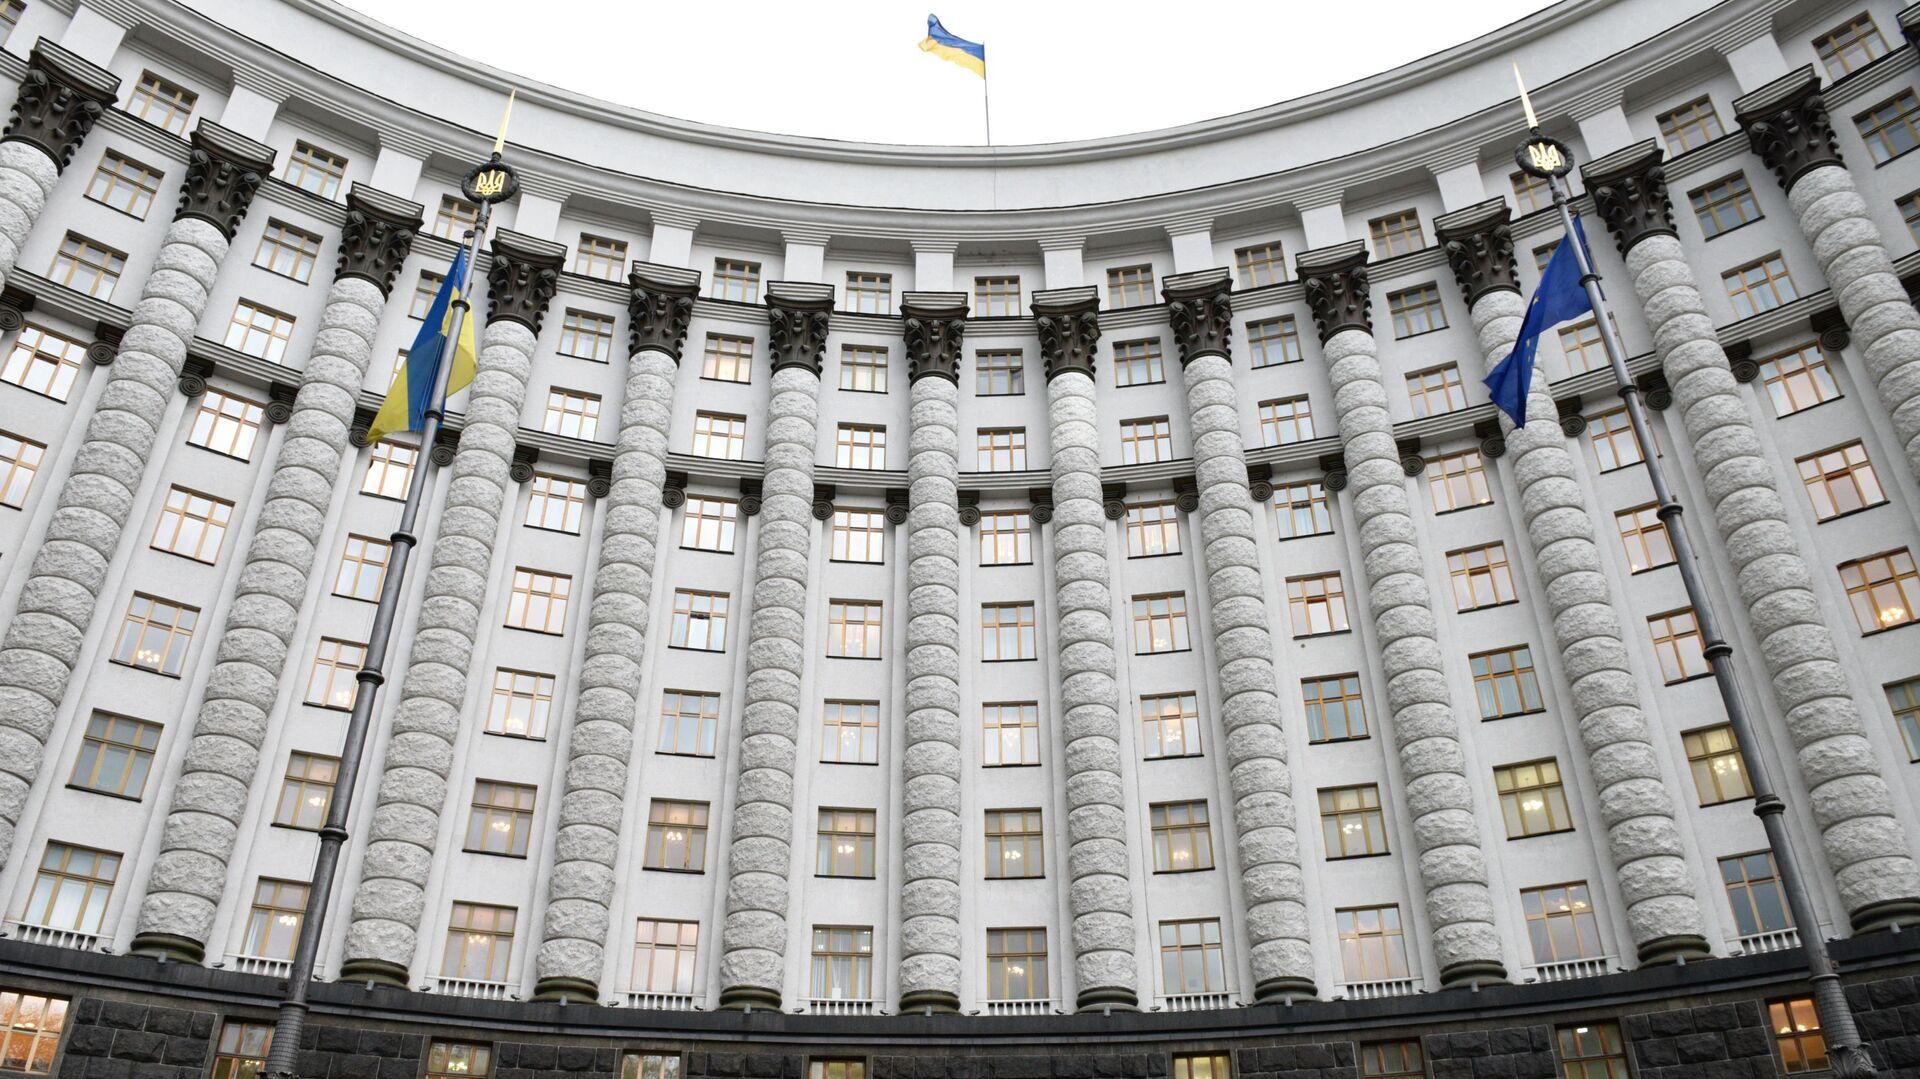 Budova ukrajinské vlády v Kyjevě - Sputnik Česká republika, 1920, 04.08.2021